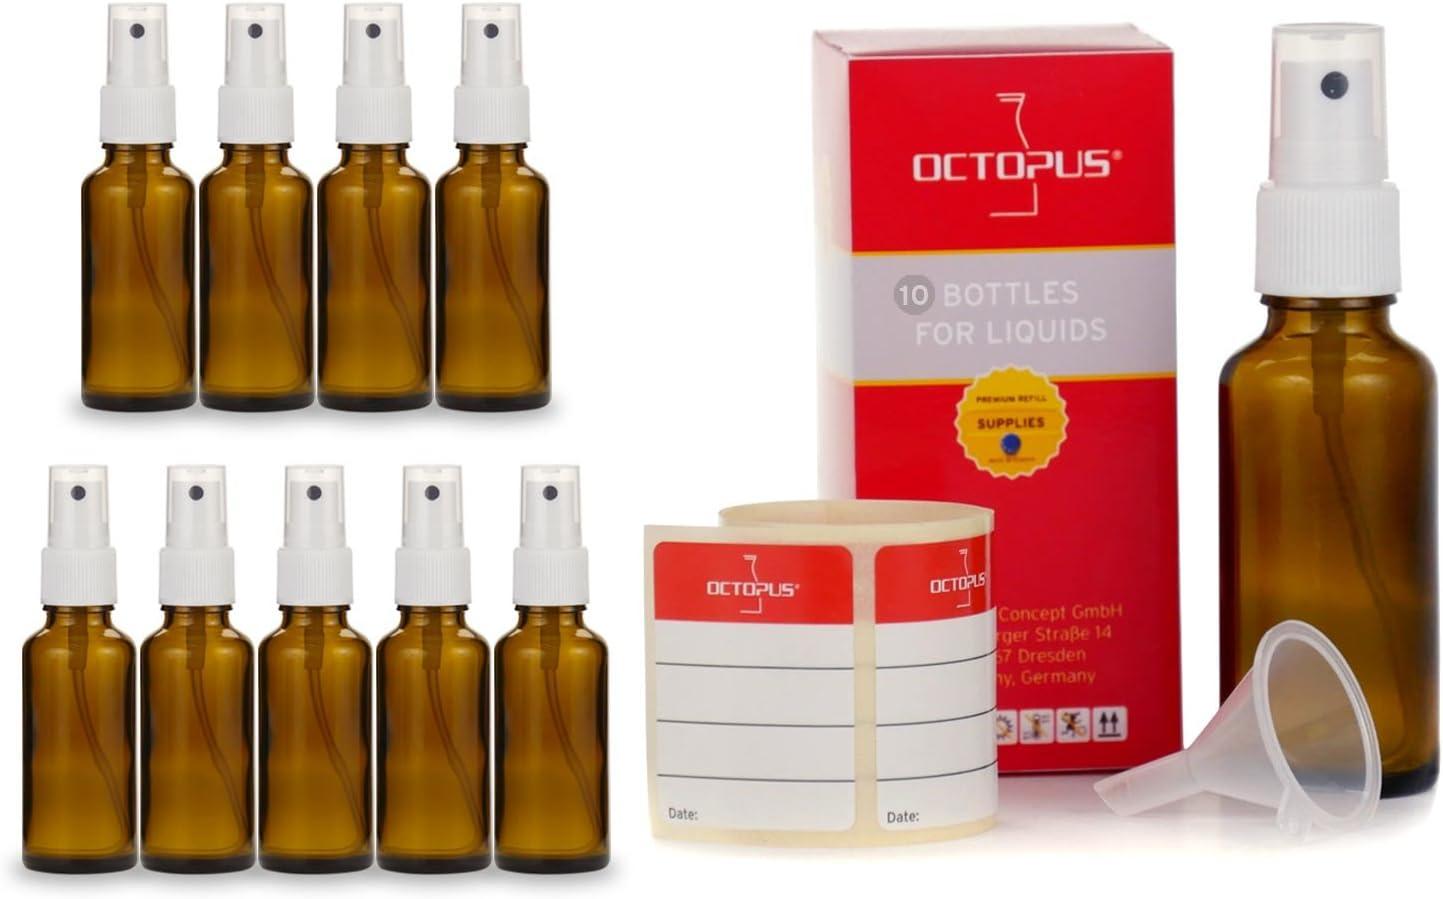 Octopus 10 Botellas de Vidrio marrón de 30 ml con pulverizador Manual, Mini Embudo + Etiquetas identificativas, Botella de Spray con protección UV, Botellas de pulverización con rociador de Bombeo